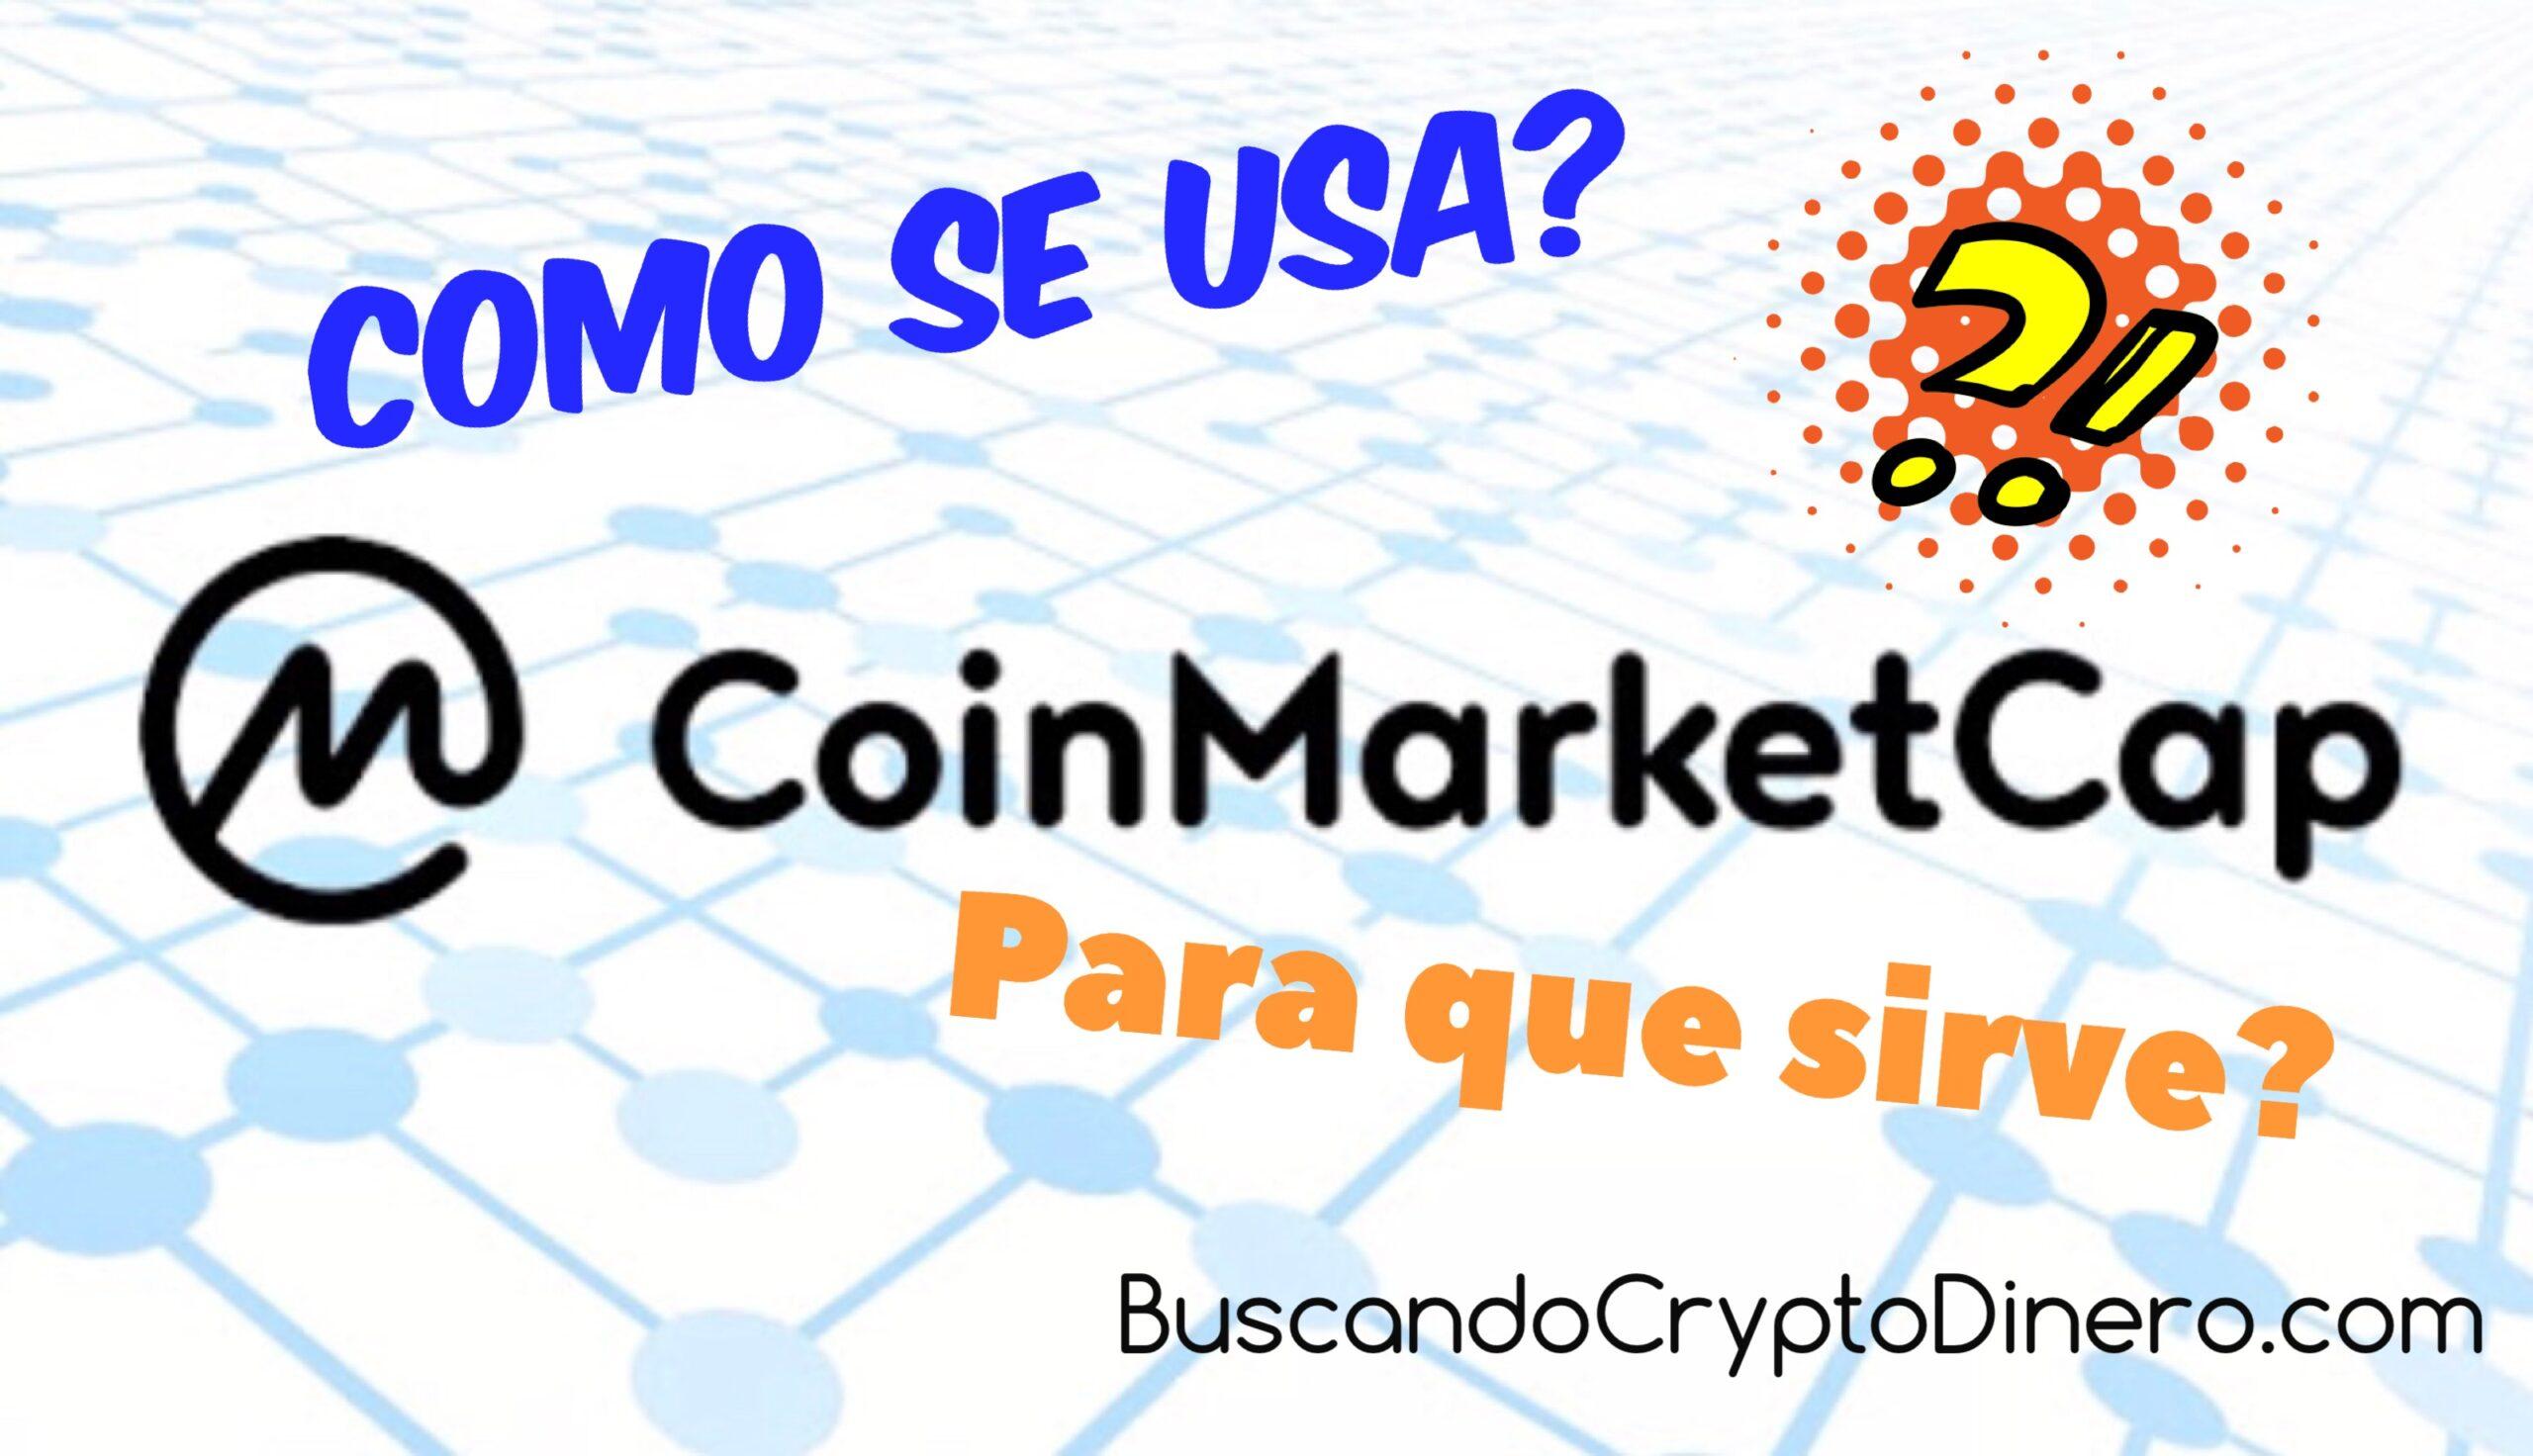 En este momento estás viendo CoinMarketCap para que sirve y como se utilliza?